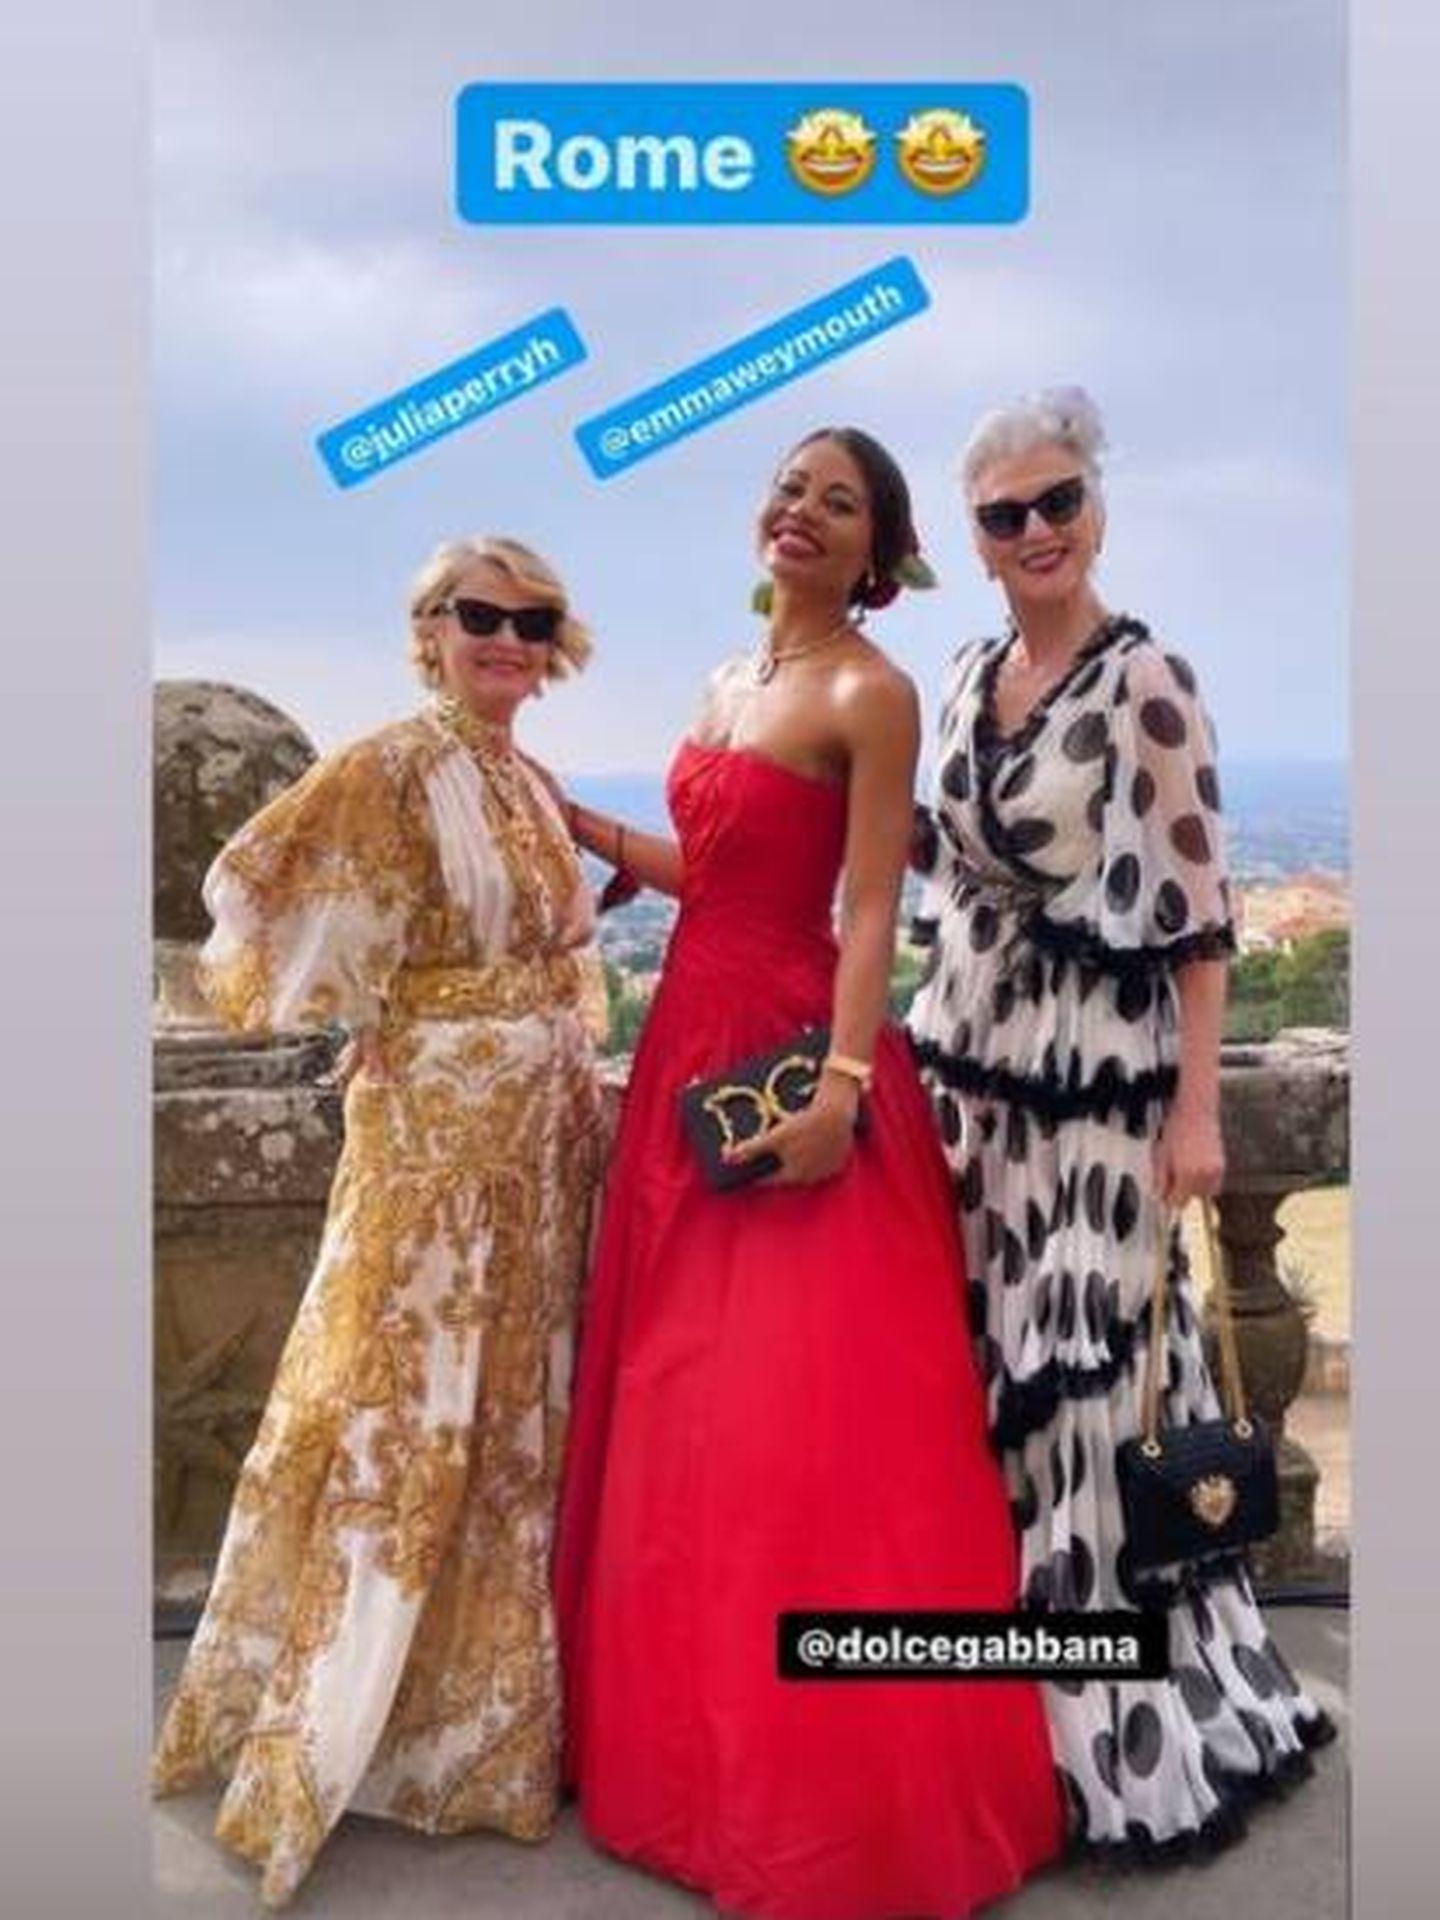 La vizcondesa Emma Weymouth con vestido rojo de Dolce & Gabbana. (IG)